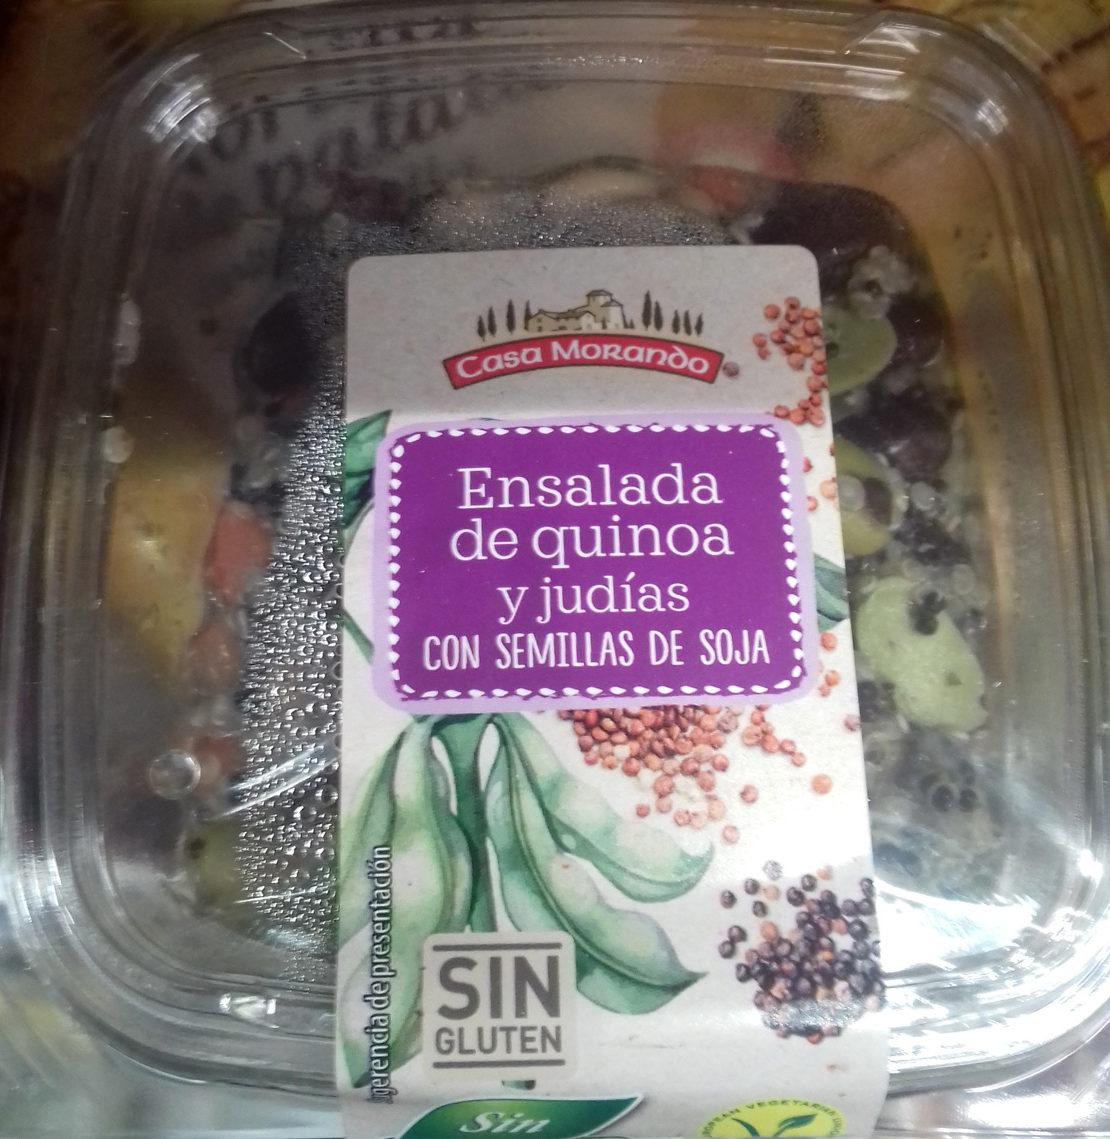 Ensalada de quinoa al curry - Product - es